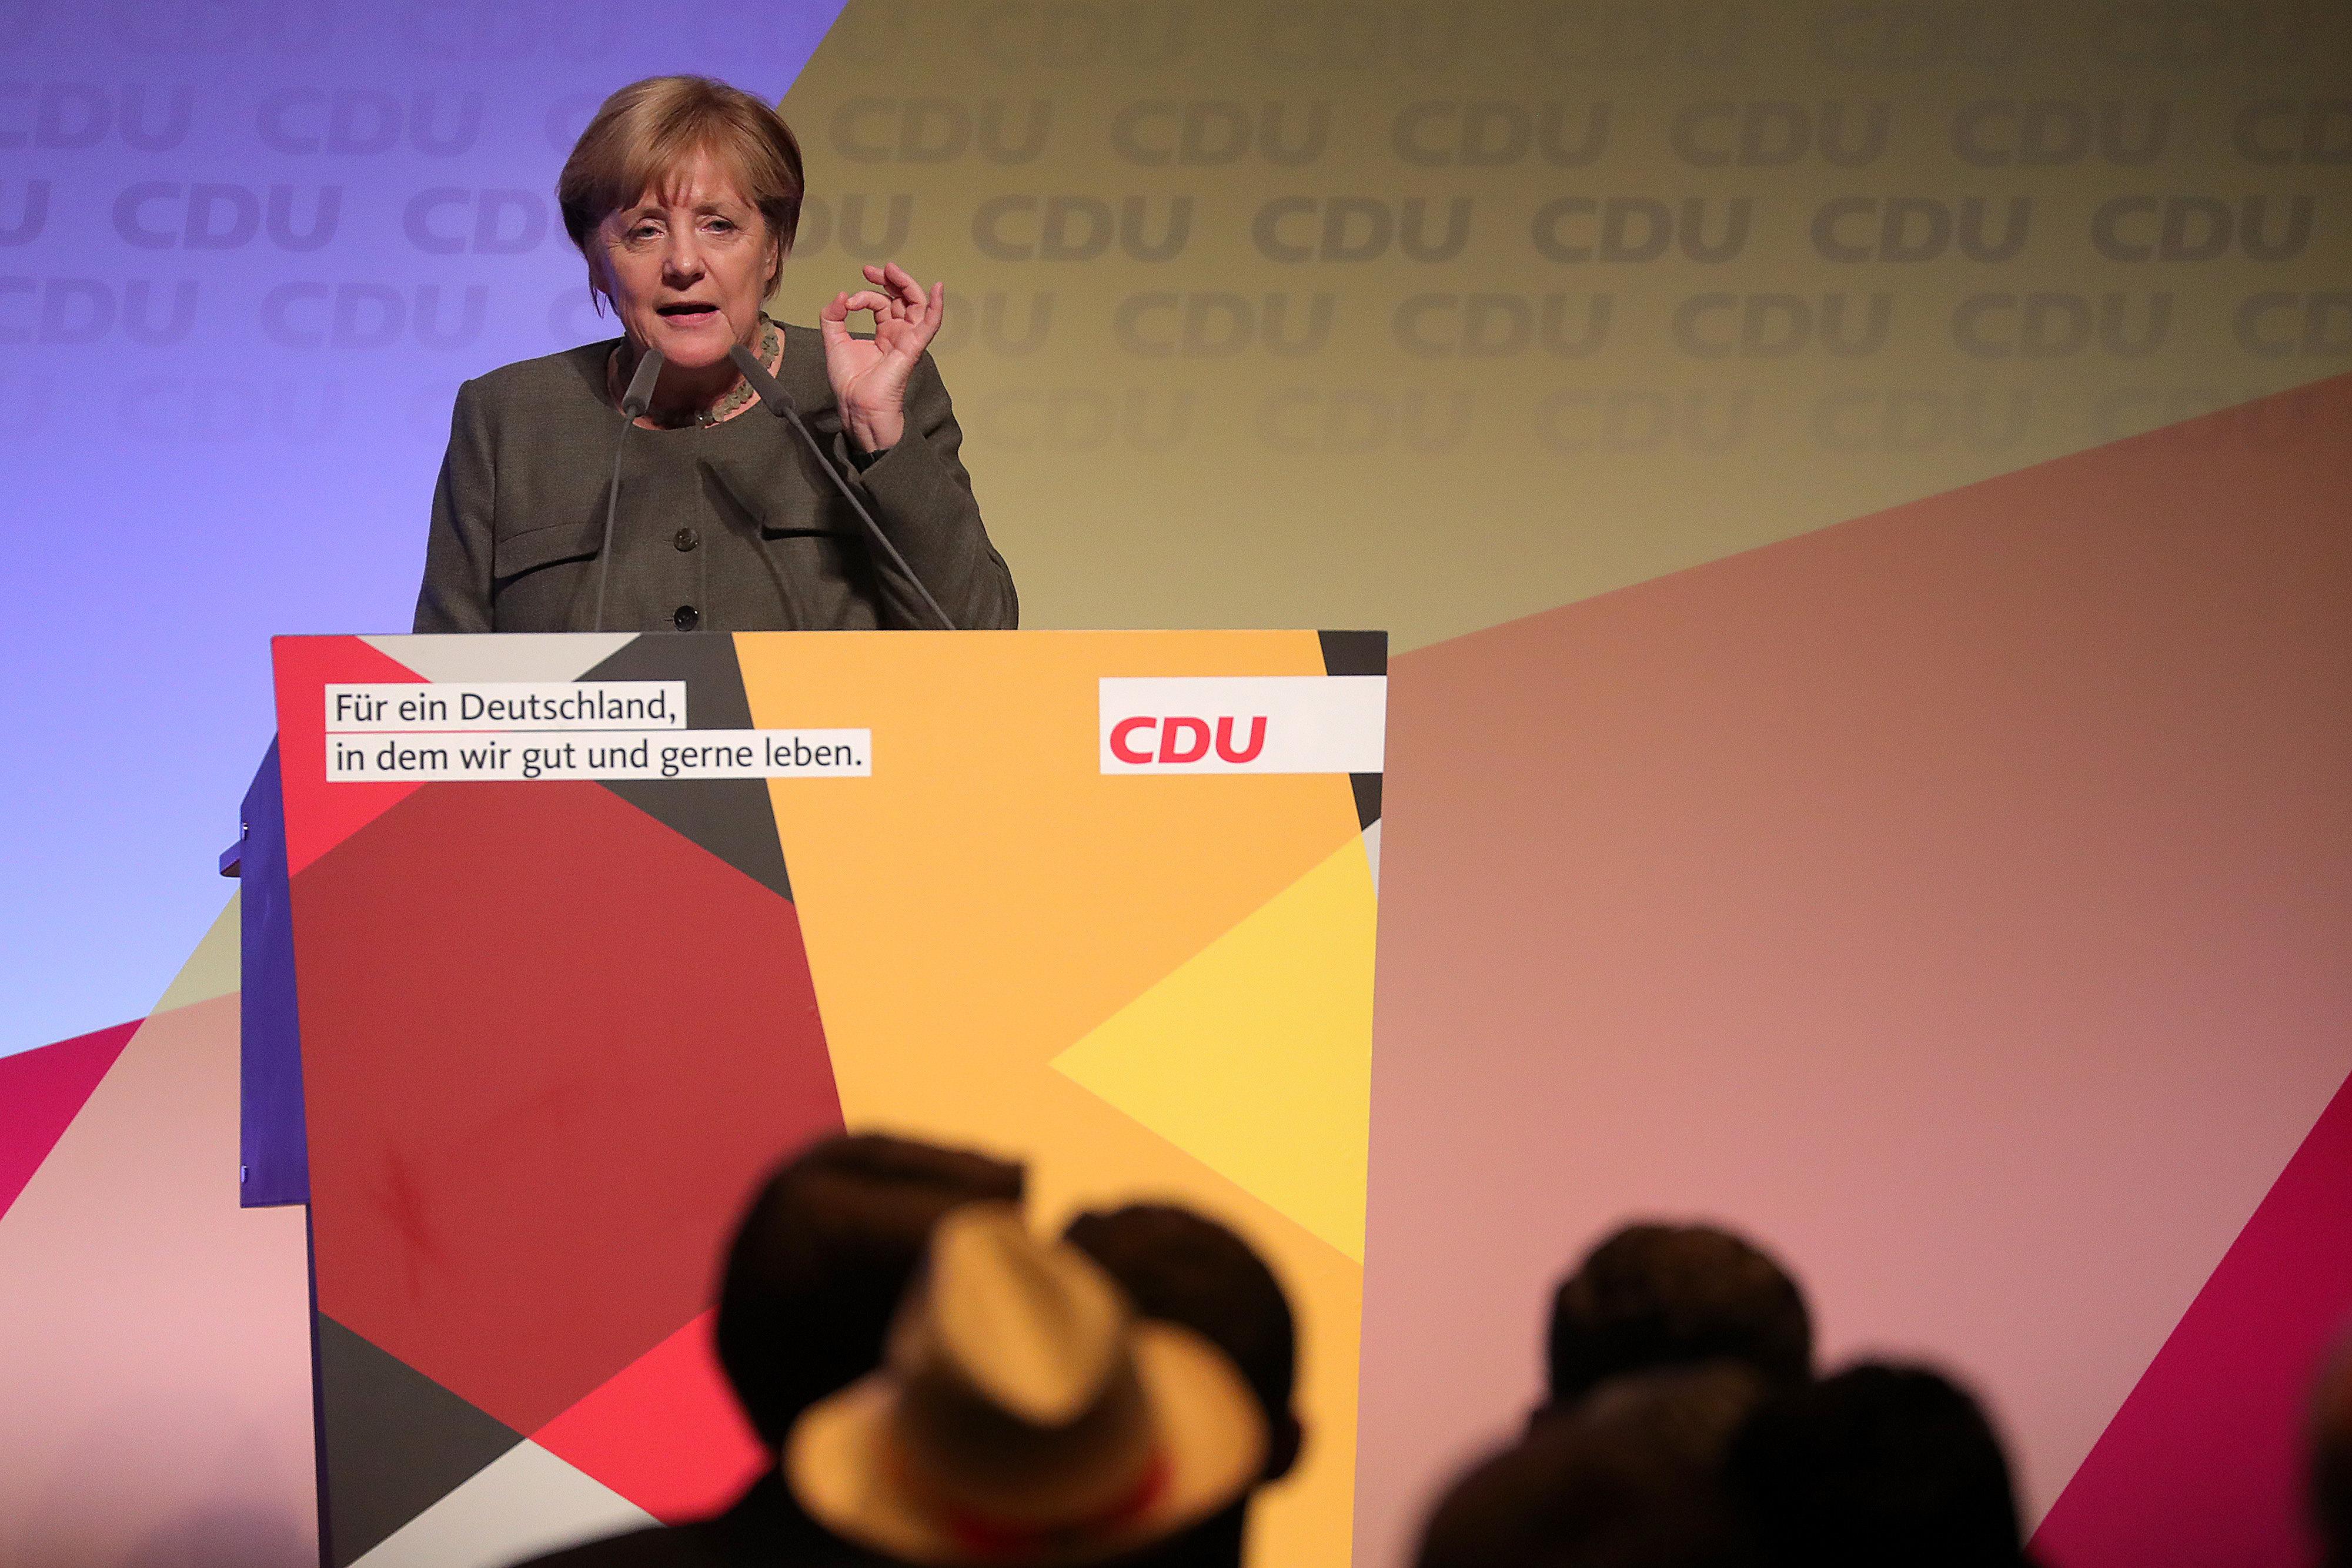 Robin Alexander Wywiad Angela Merkel Popełniła Błędy Ws Uchodźc³w